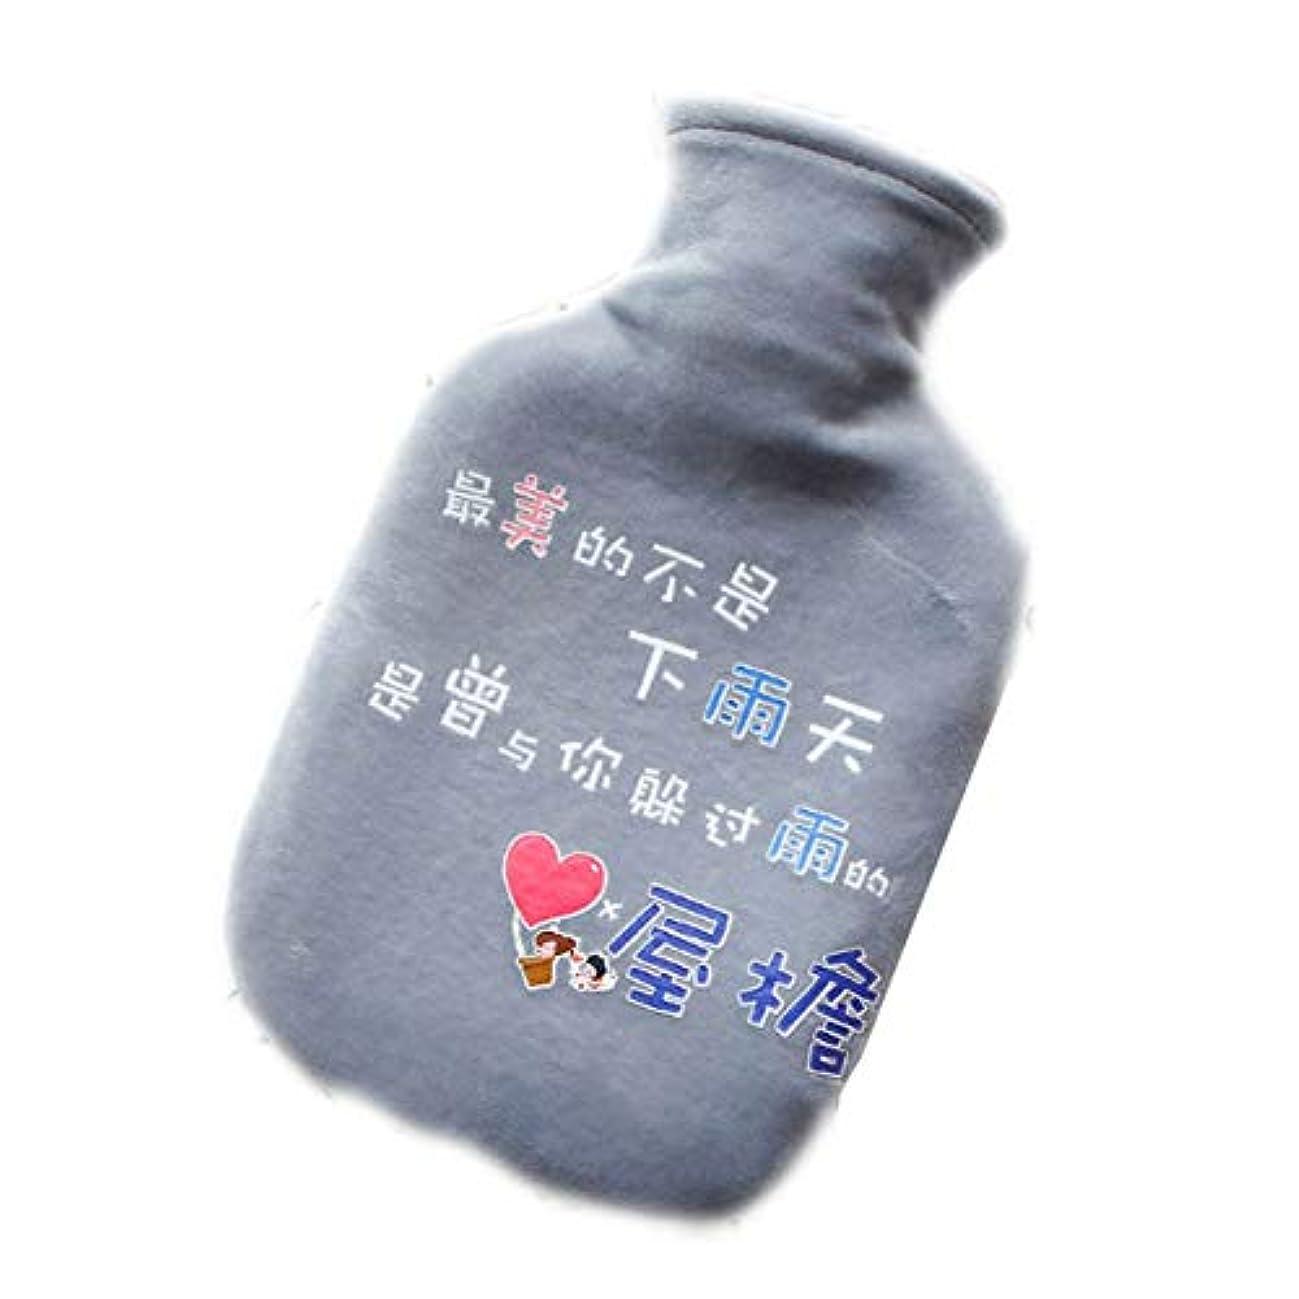 チャペル決済司教かわいい湯たんぽミニハンドウォーマー750ミリリットルの学生女性の温水バッグ